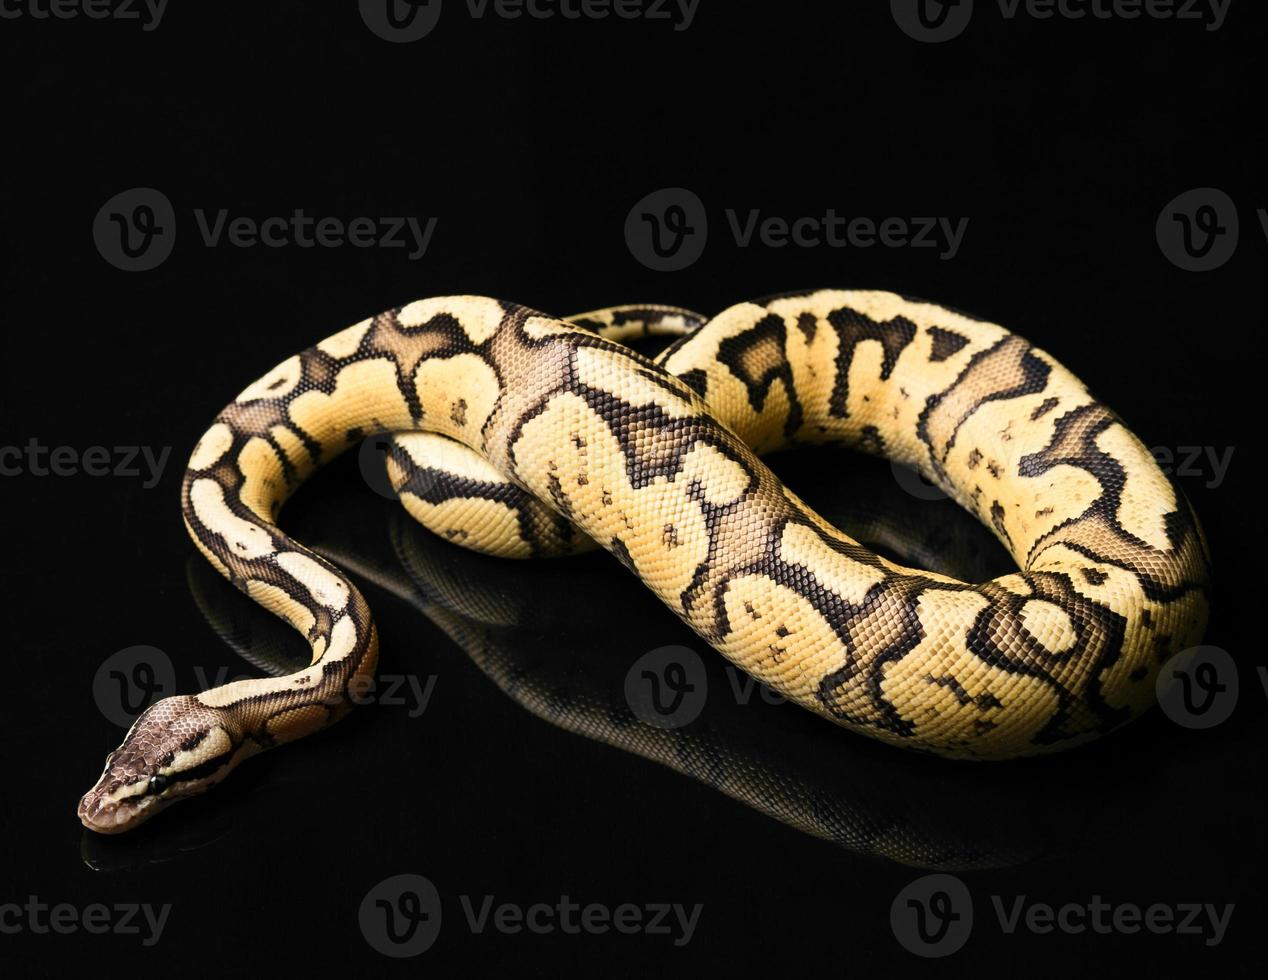 vrouwelijke bal python. vuurvlieg morph of mutatie foto